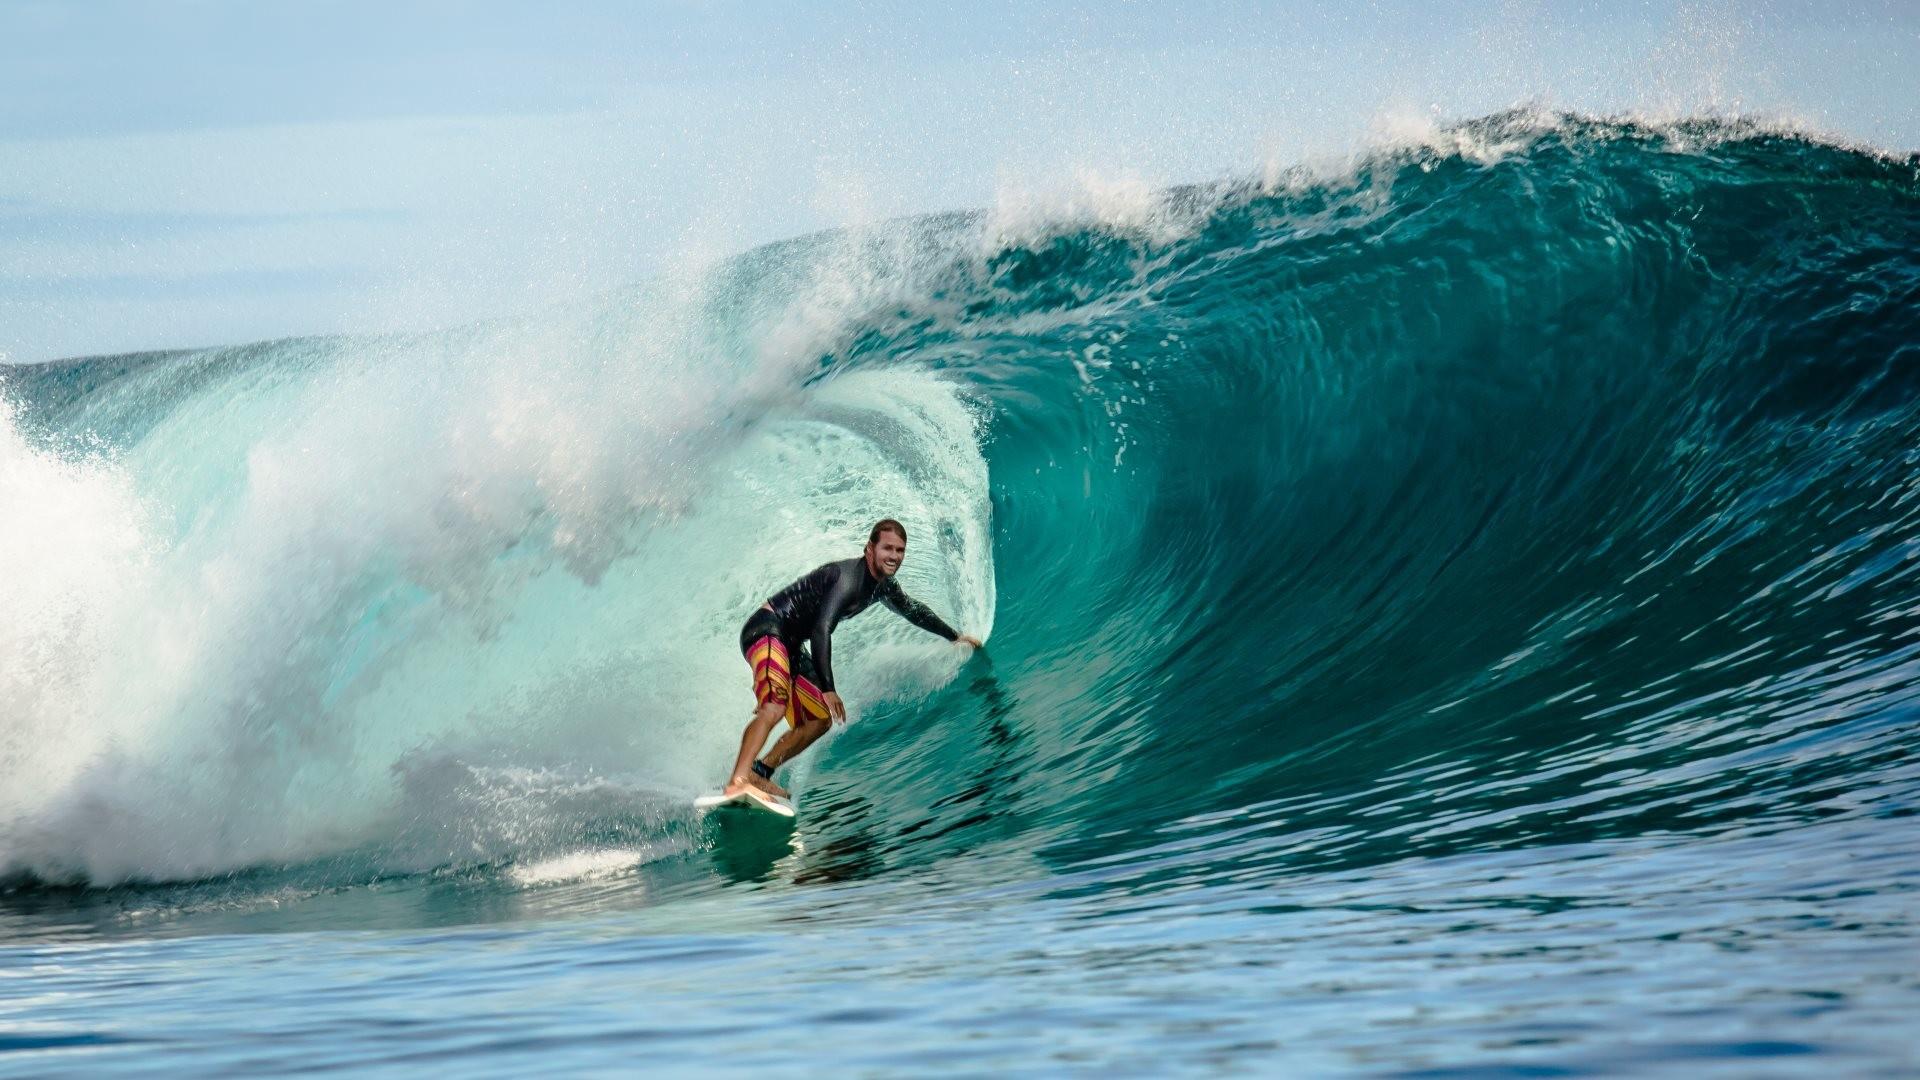 4K HD Wallpaper: Surfing